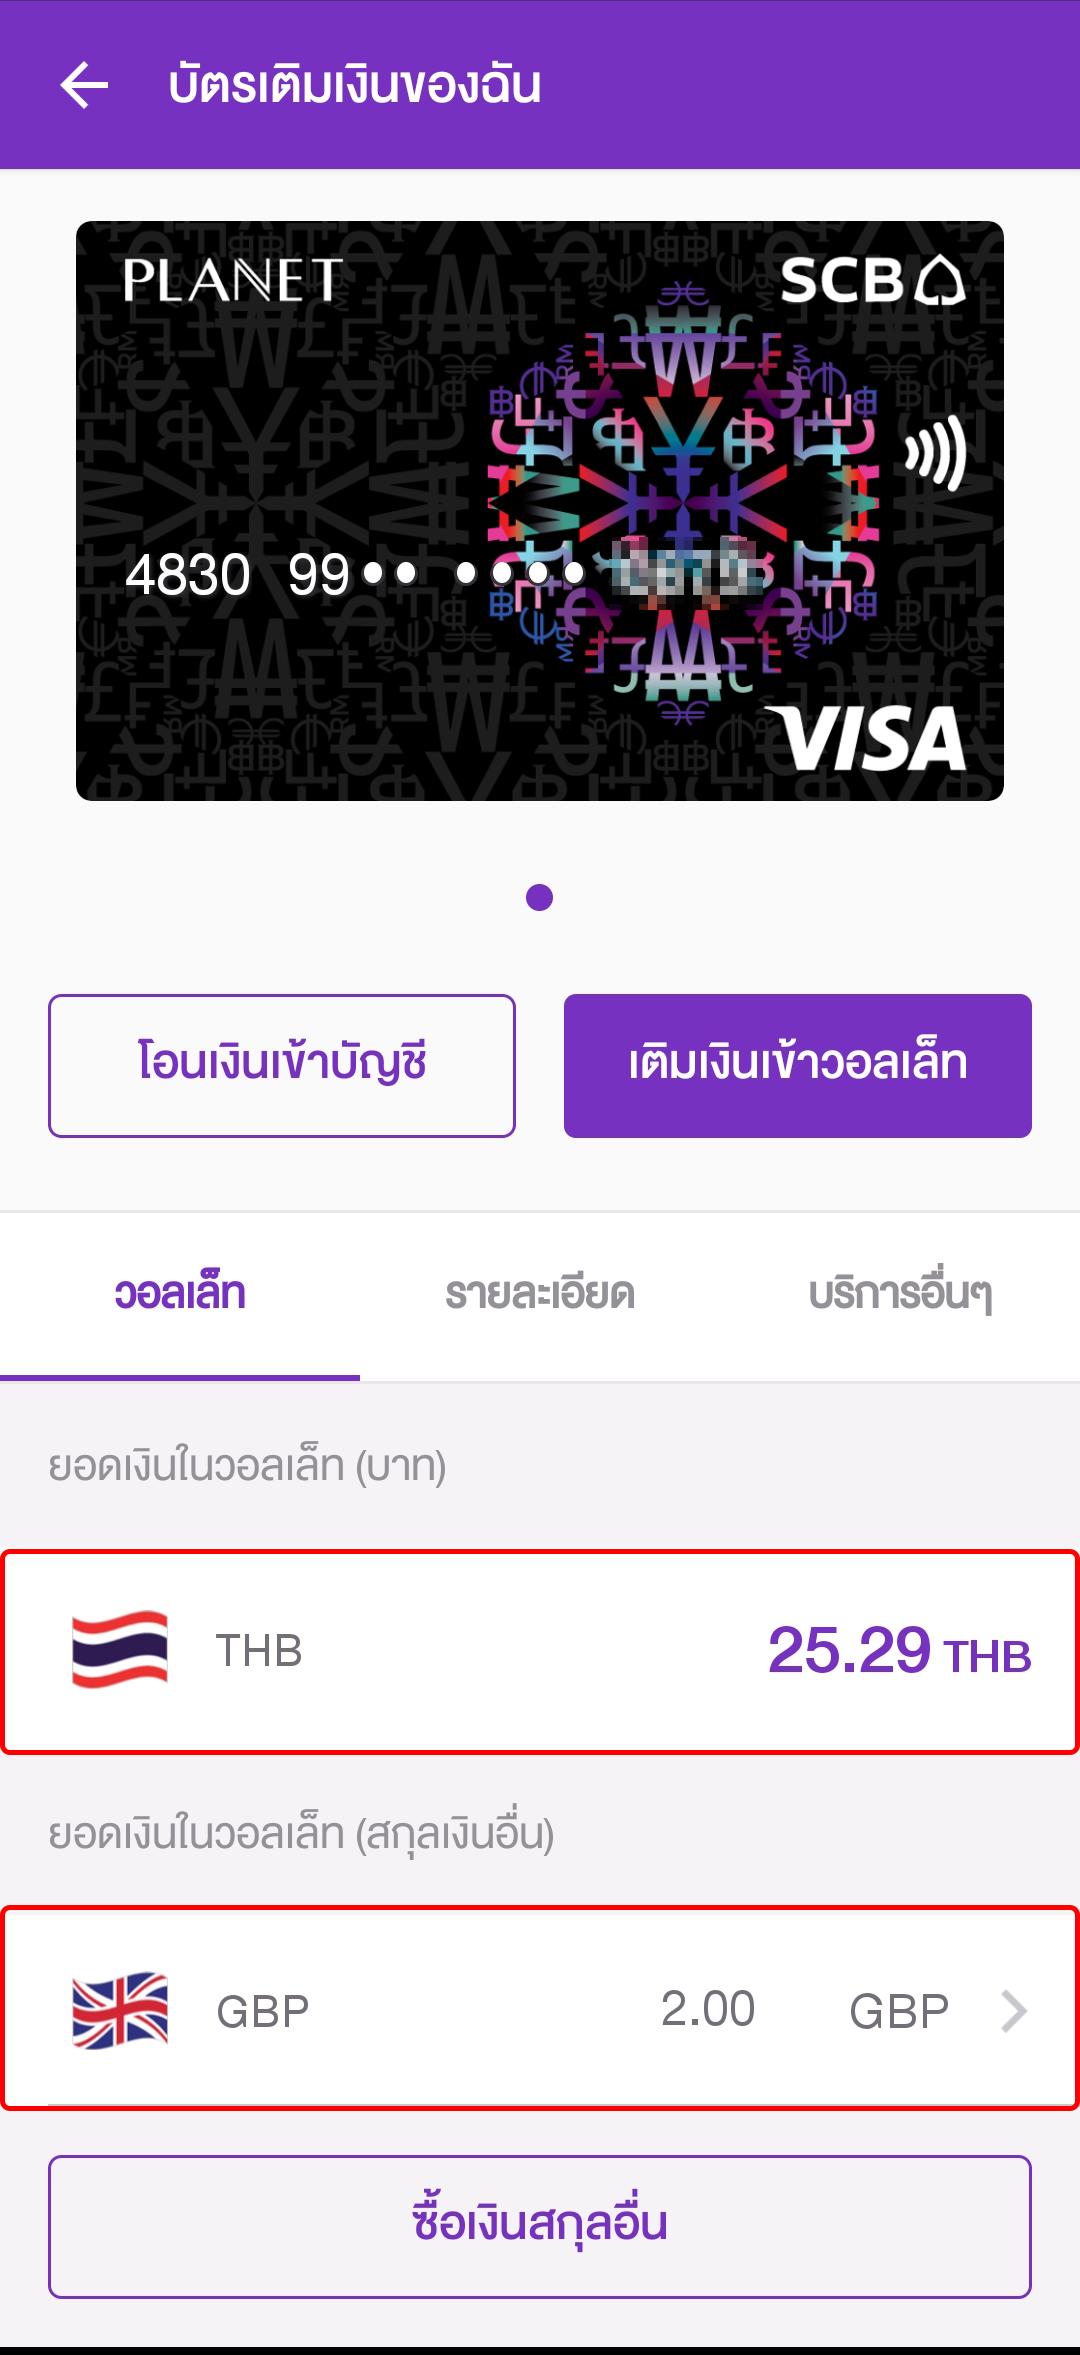 PlanetSCB-Dashboard บัตรแลกเงิน